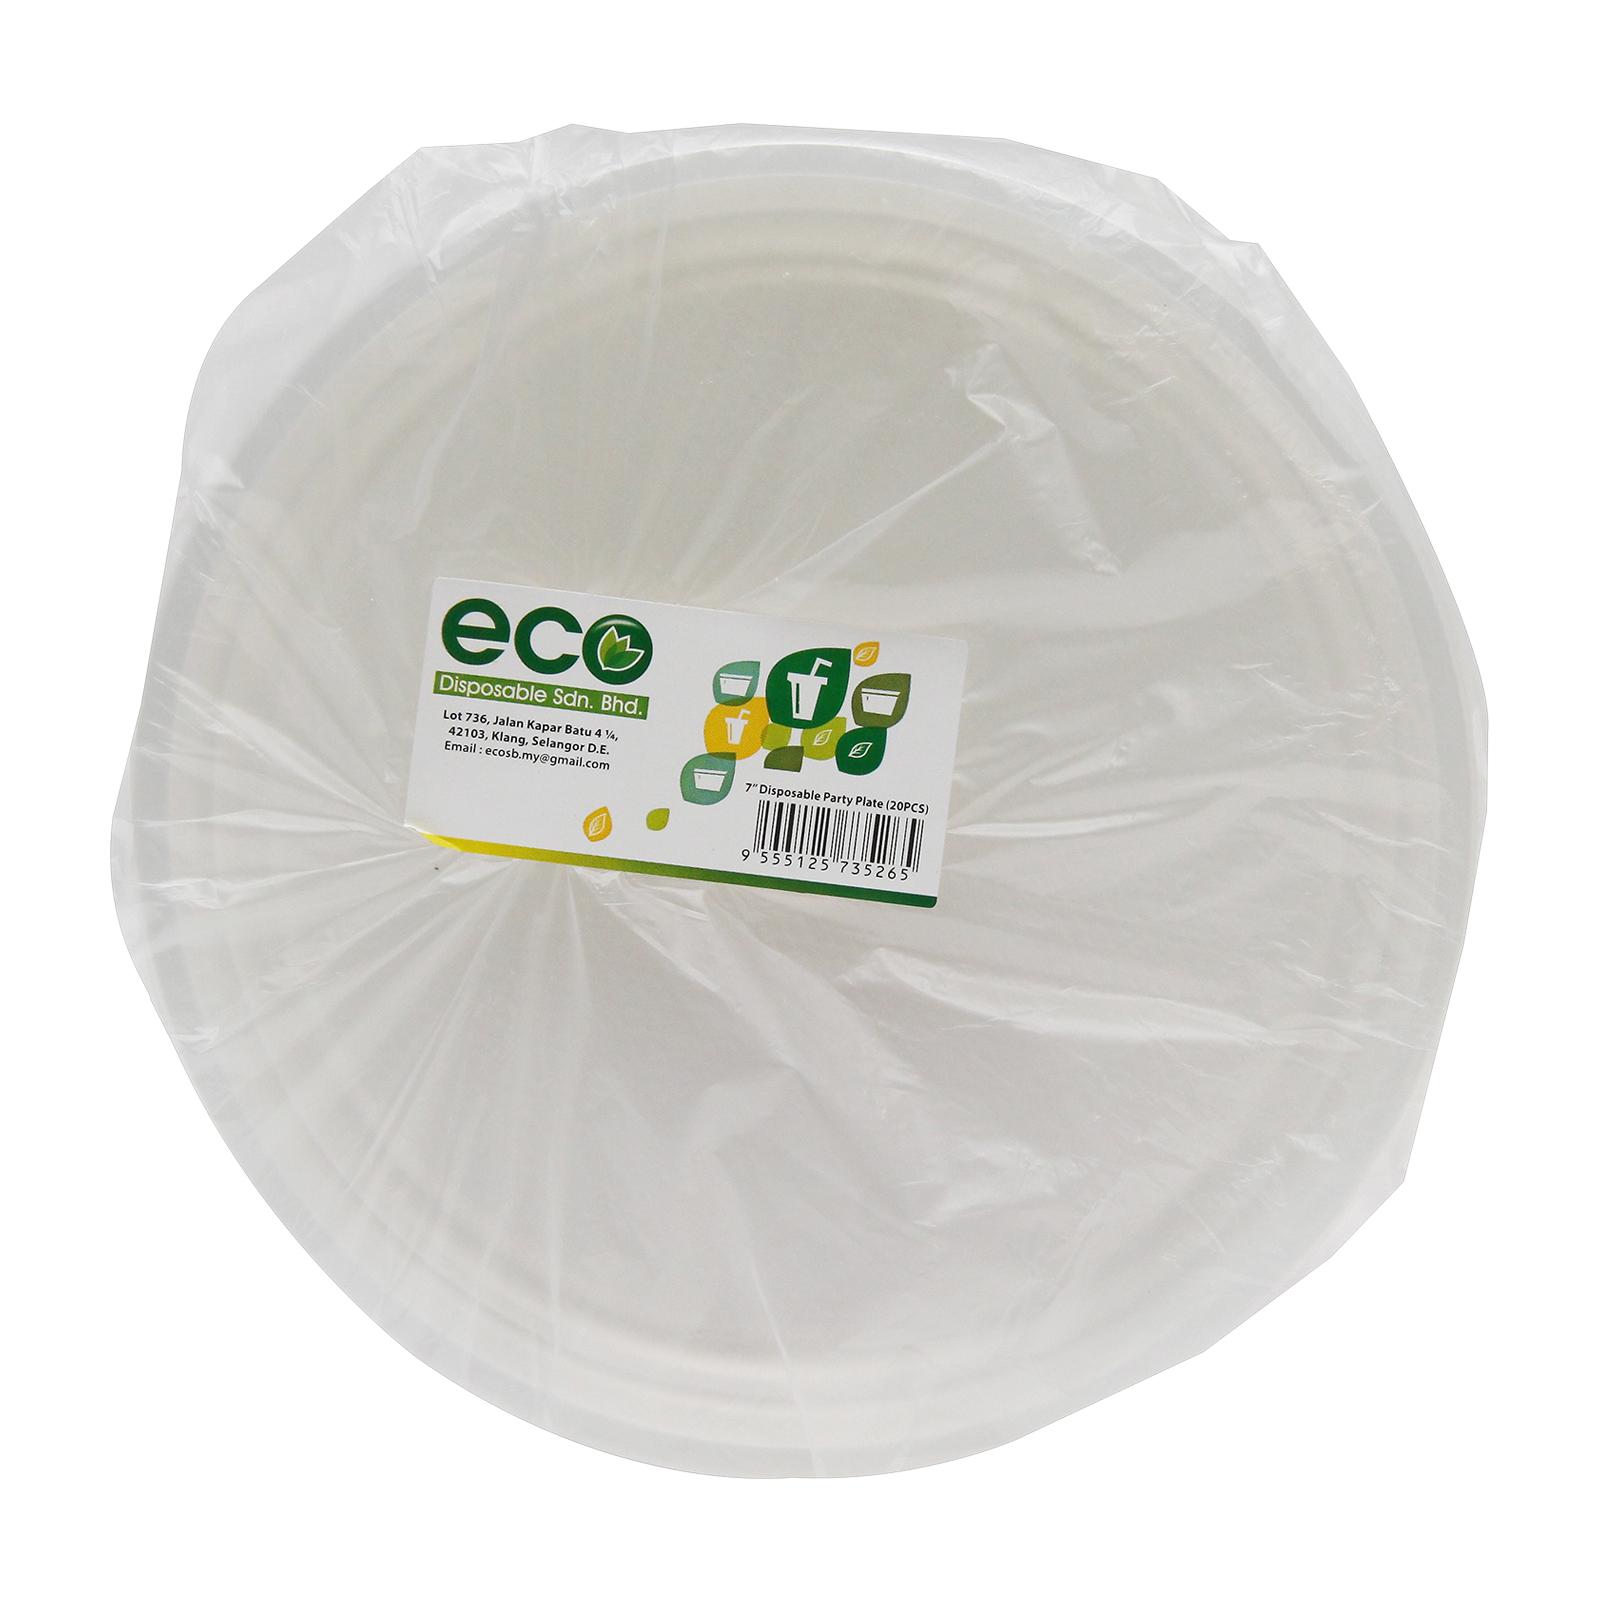 """Eco Plastic Plate 7"""" 20pcs/Pack (Disposale)"""